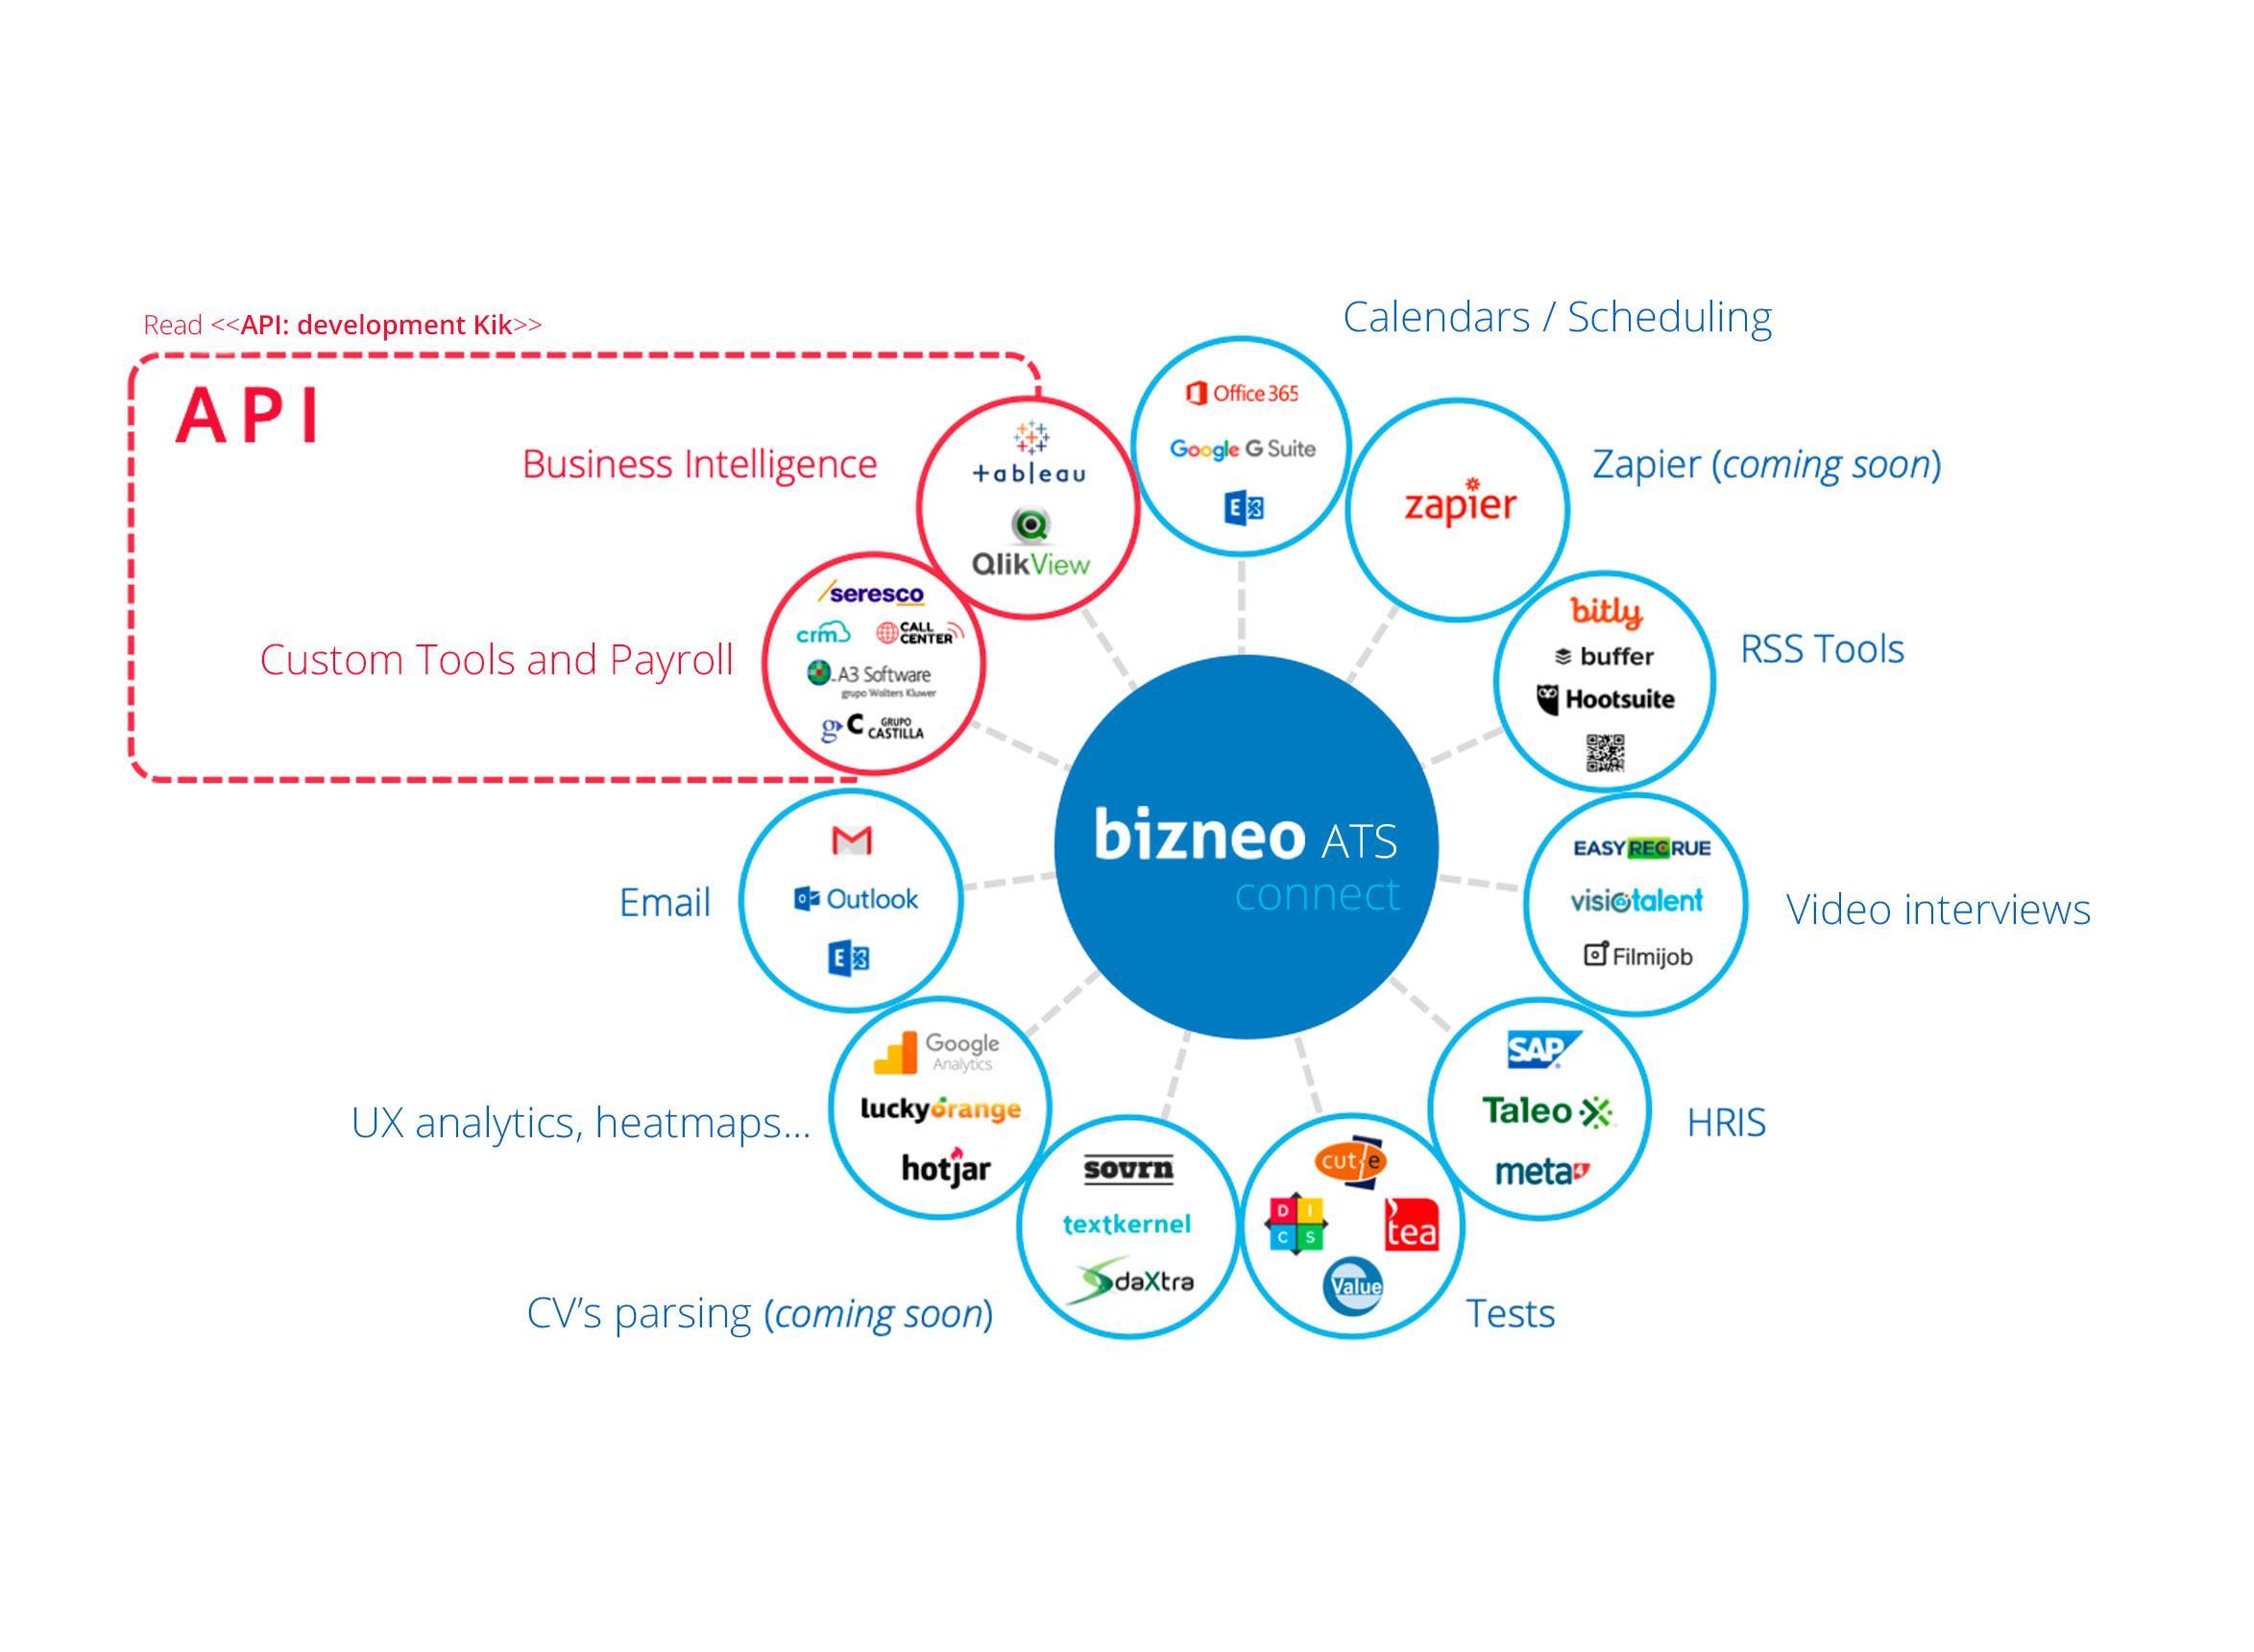 Con Bizneo ATS connect puedes integrar el software de reclutamiento y selección con más de 30 soluciones tecnológicas, mitigando el impacto de procesos de transformación o actualización tecnológica.